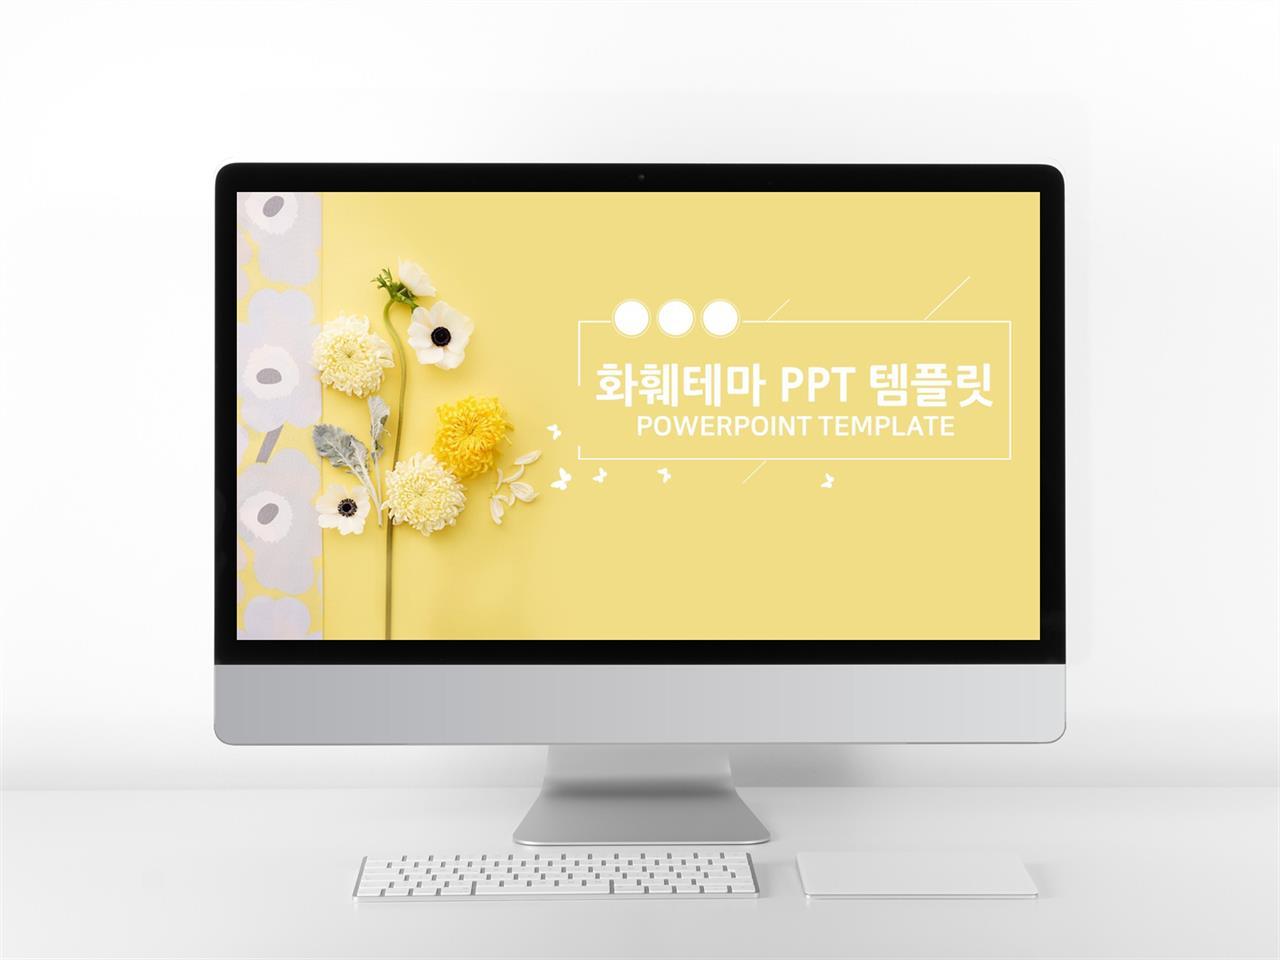 플라워, 동물주제 옐로우 귀여운 발표용 파워포인트샘플 다운 미리보기